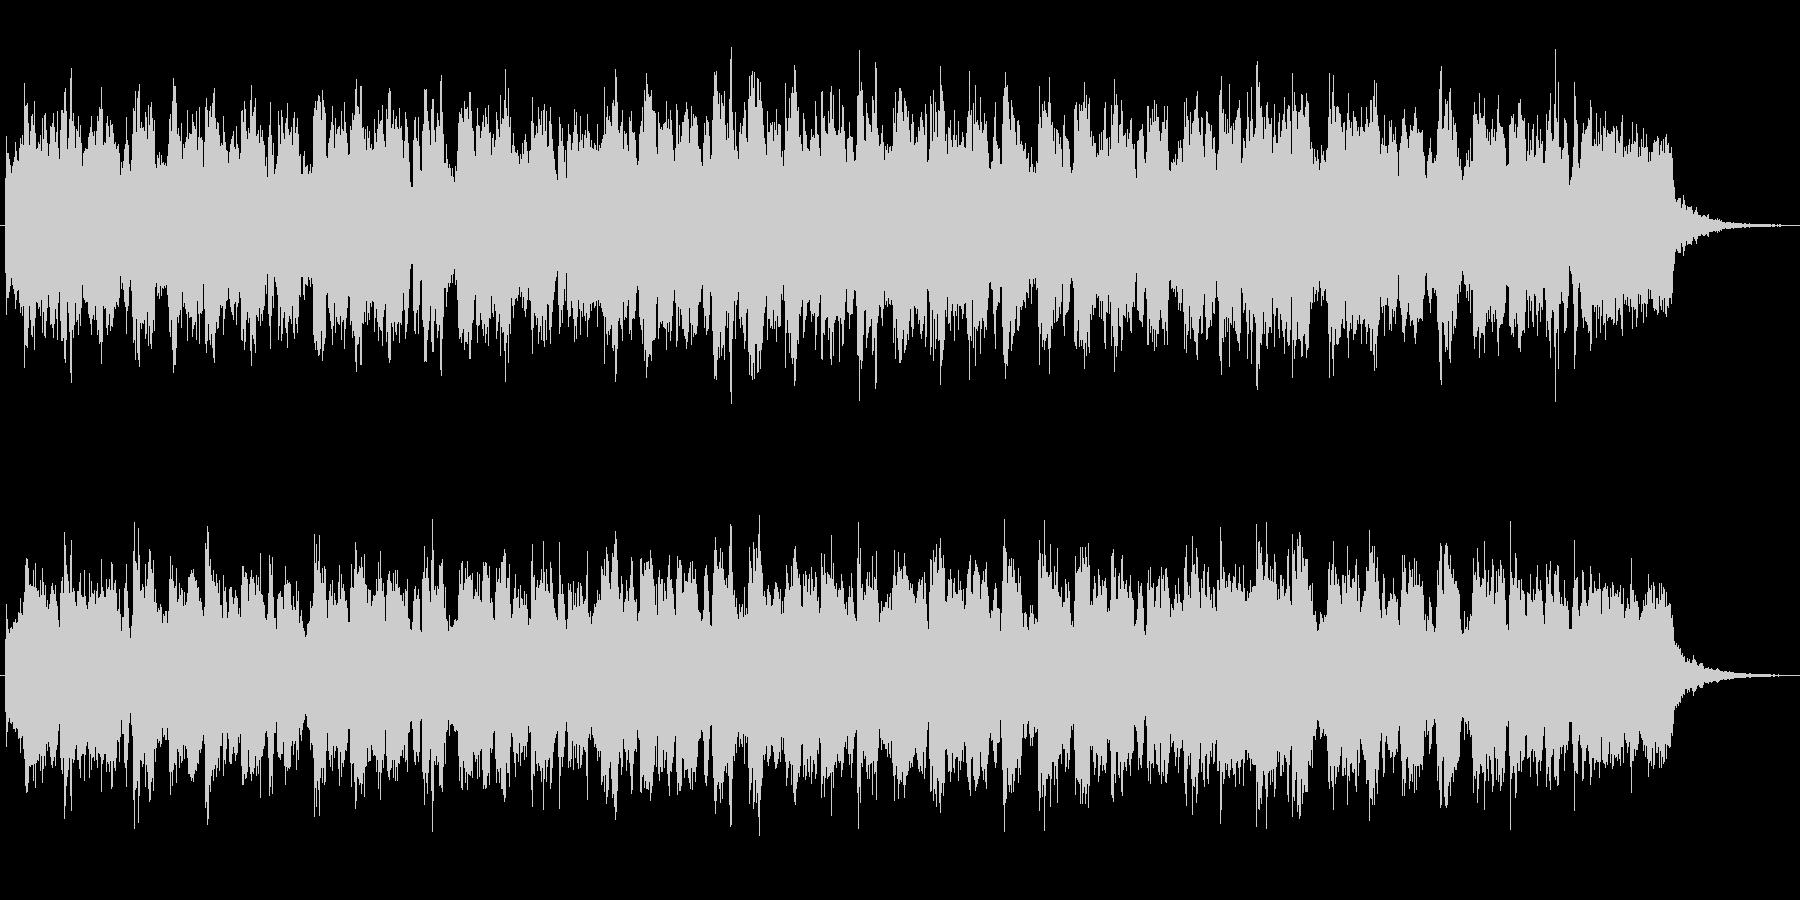 シンセブラスの印象的なプログレ風ジングルの未再生の波形